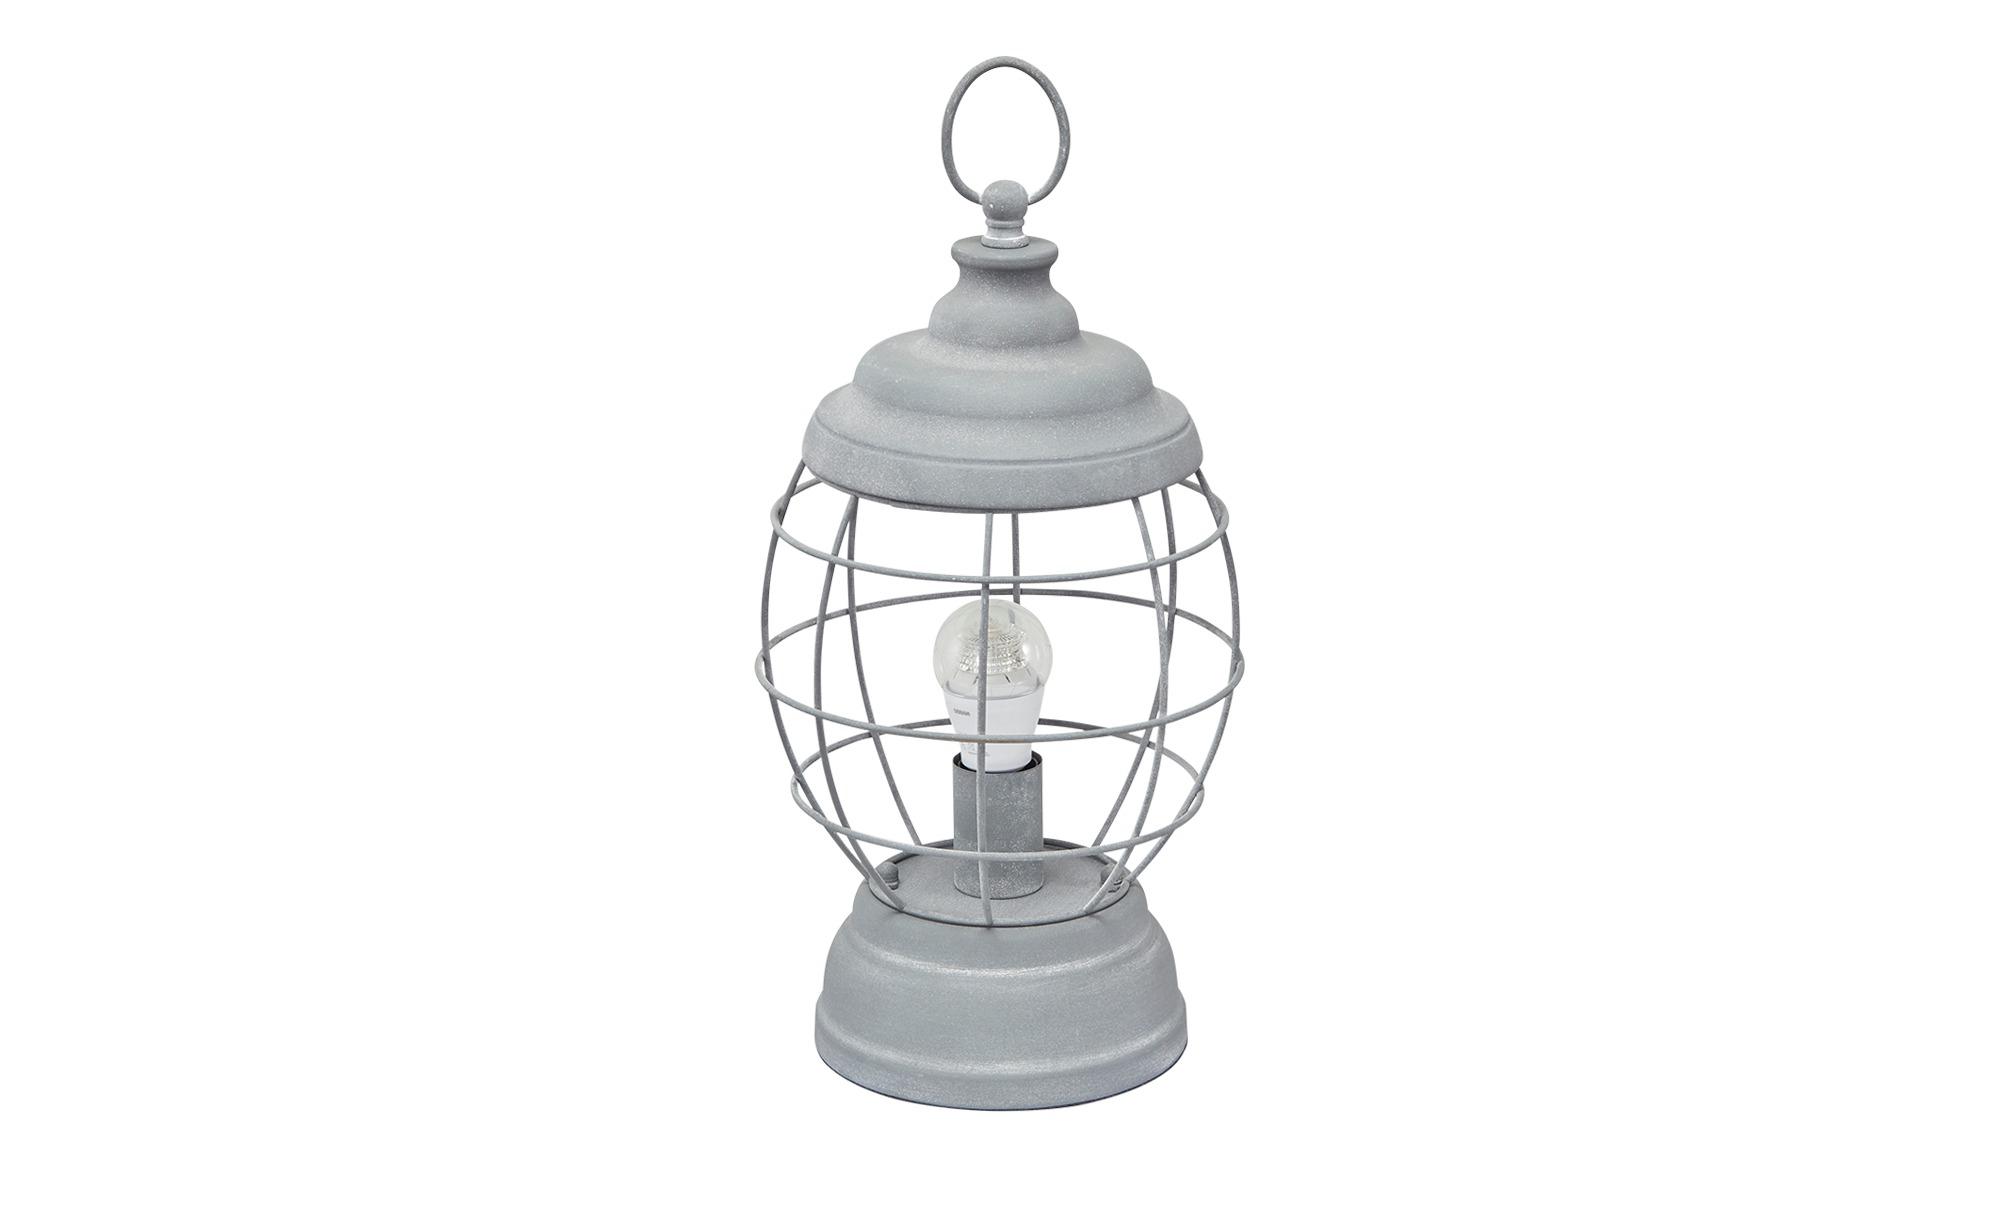 Tischleuchte Laterne, 1-flammig ¦ grau ¦ Maße (cm): B: 18 H: 44 Lampen & Leuchten > Innenleuchten > Tischlampen - Höffner